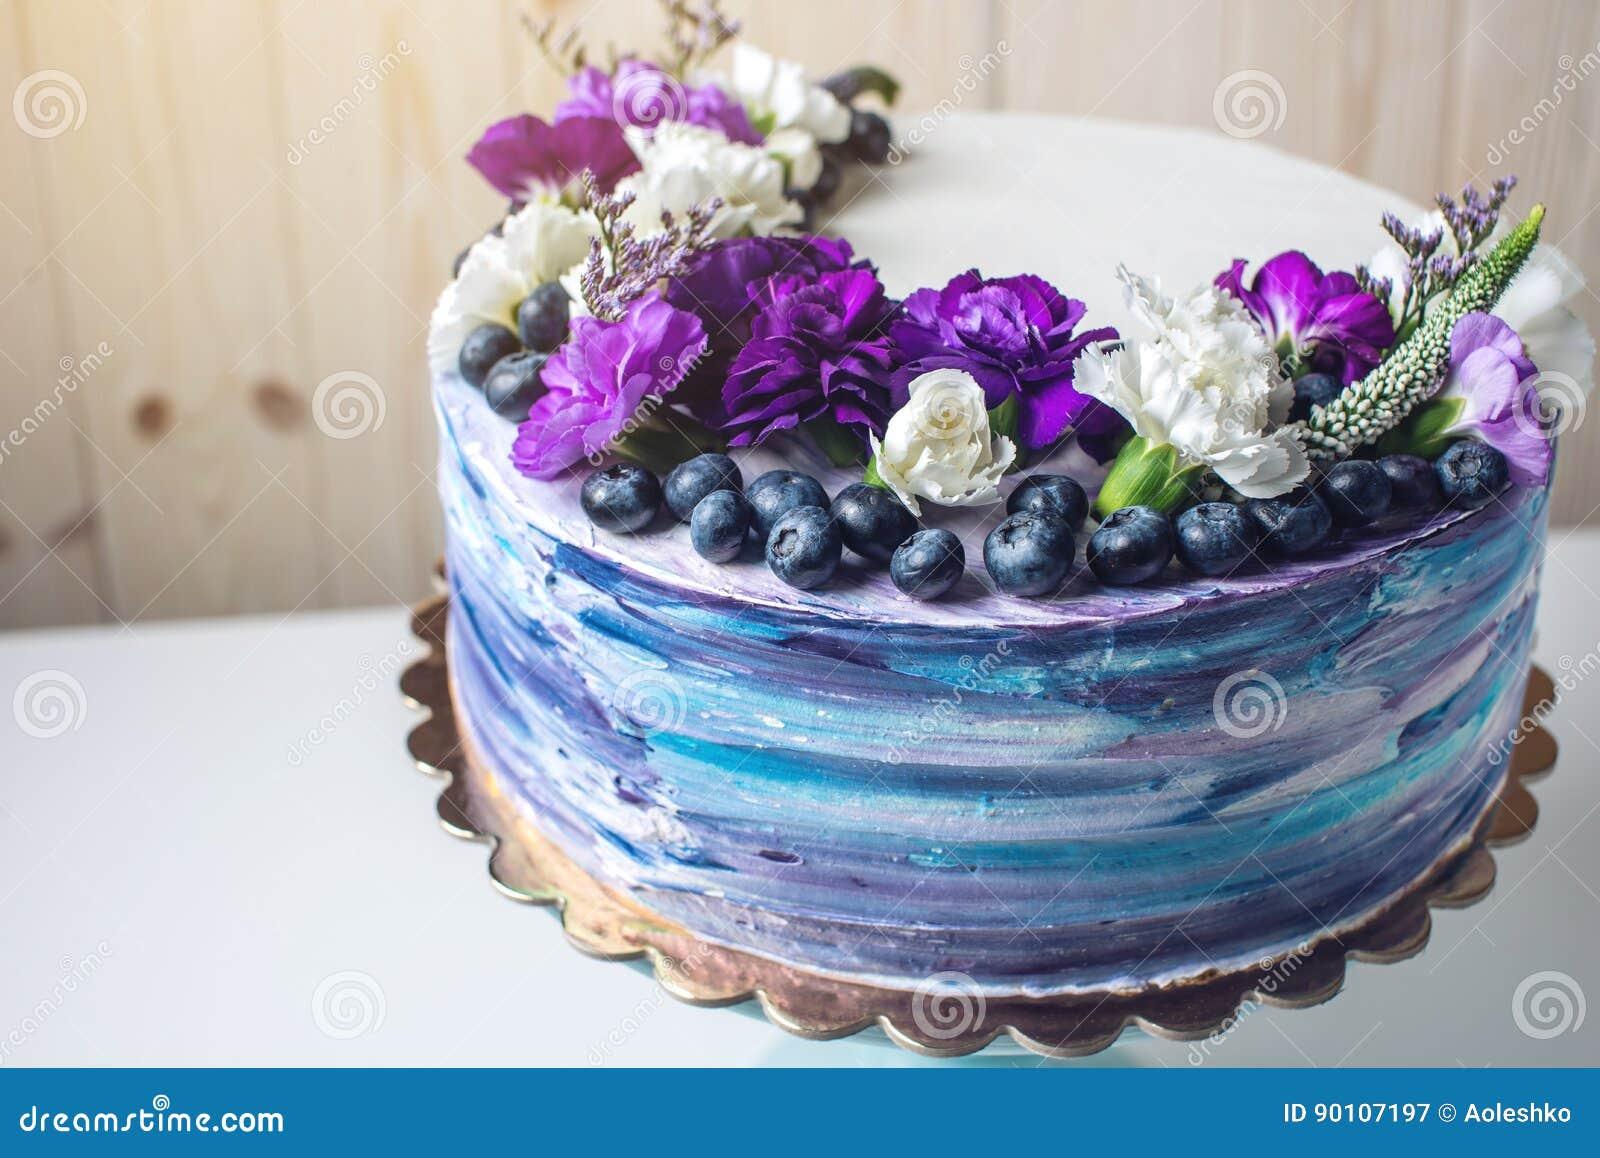 Bunte Hochzeitstorte Mit Reizenden Purpurroten Blumen Und Blaubeeren